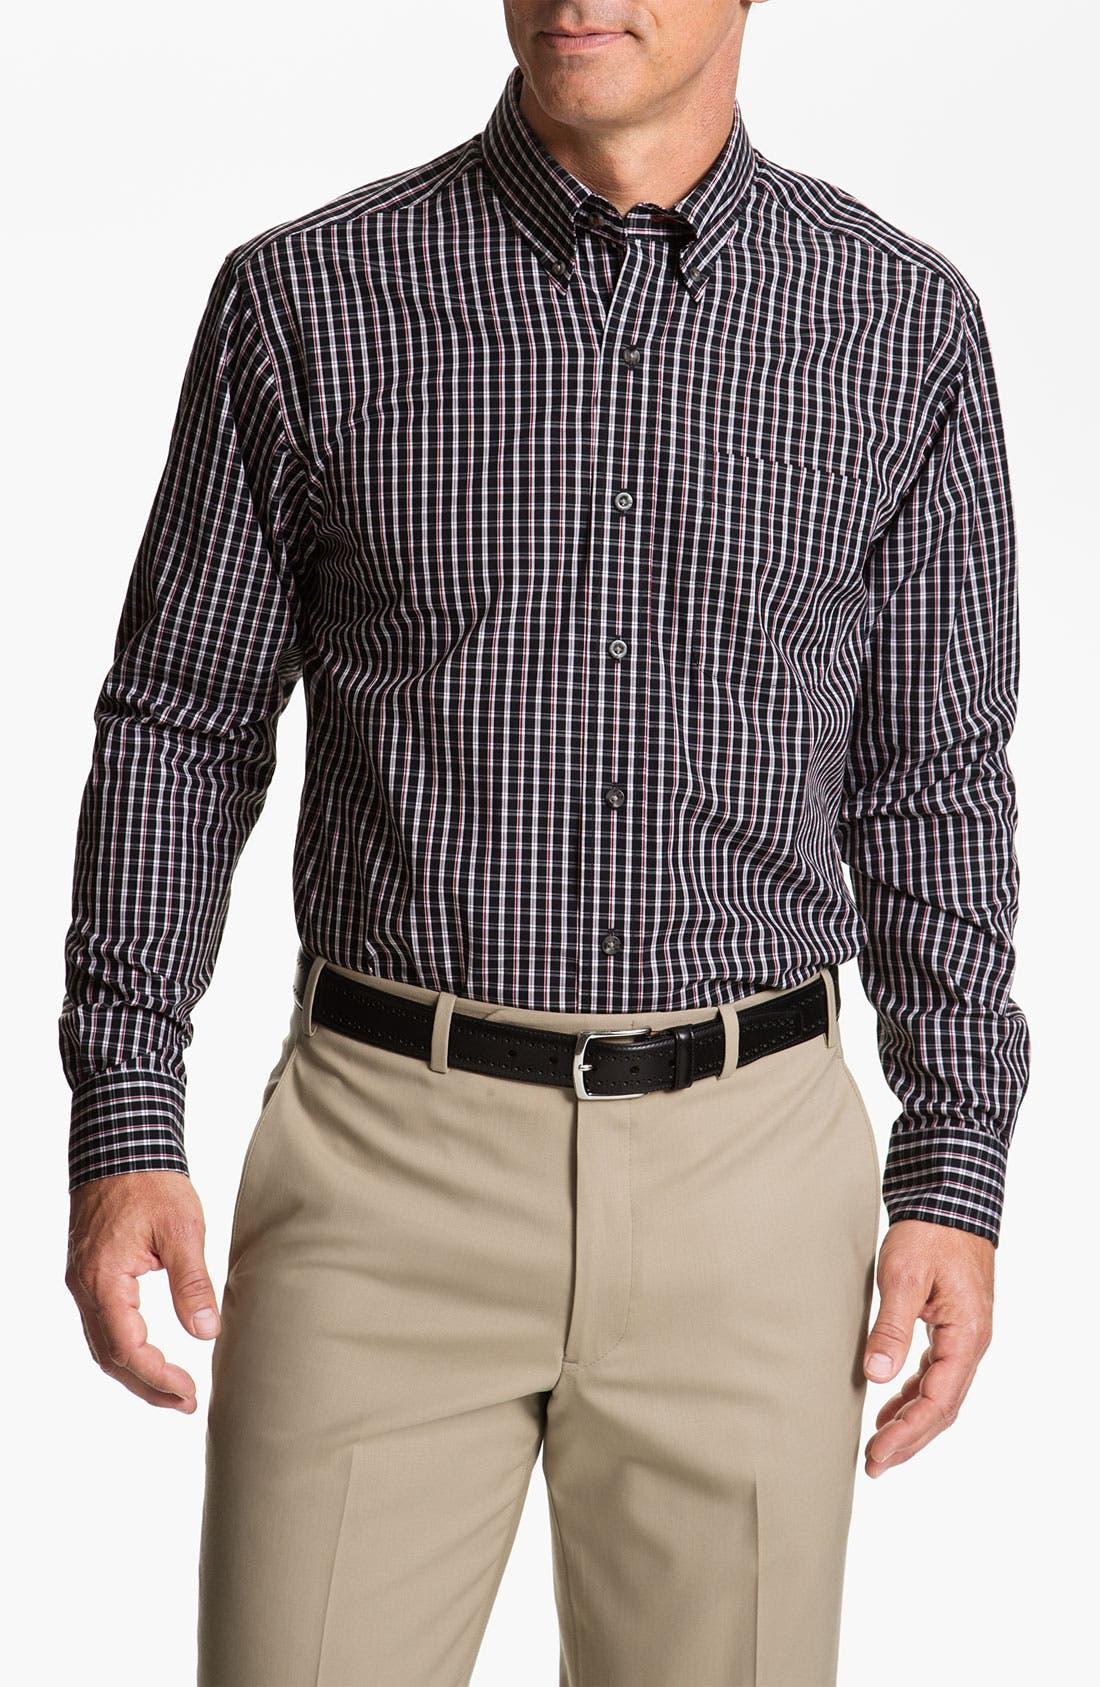 Main Image - Cutter & Buck 'Elfin' Check Sport Shirt (Big & Tall)